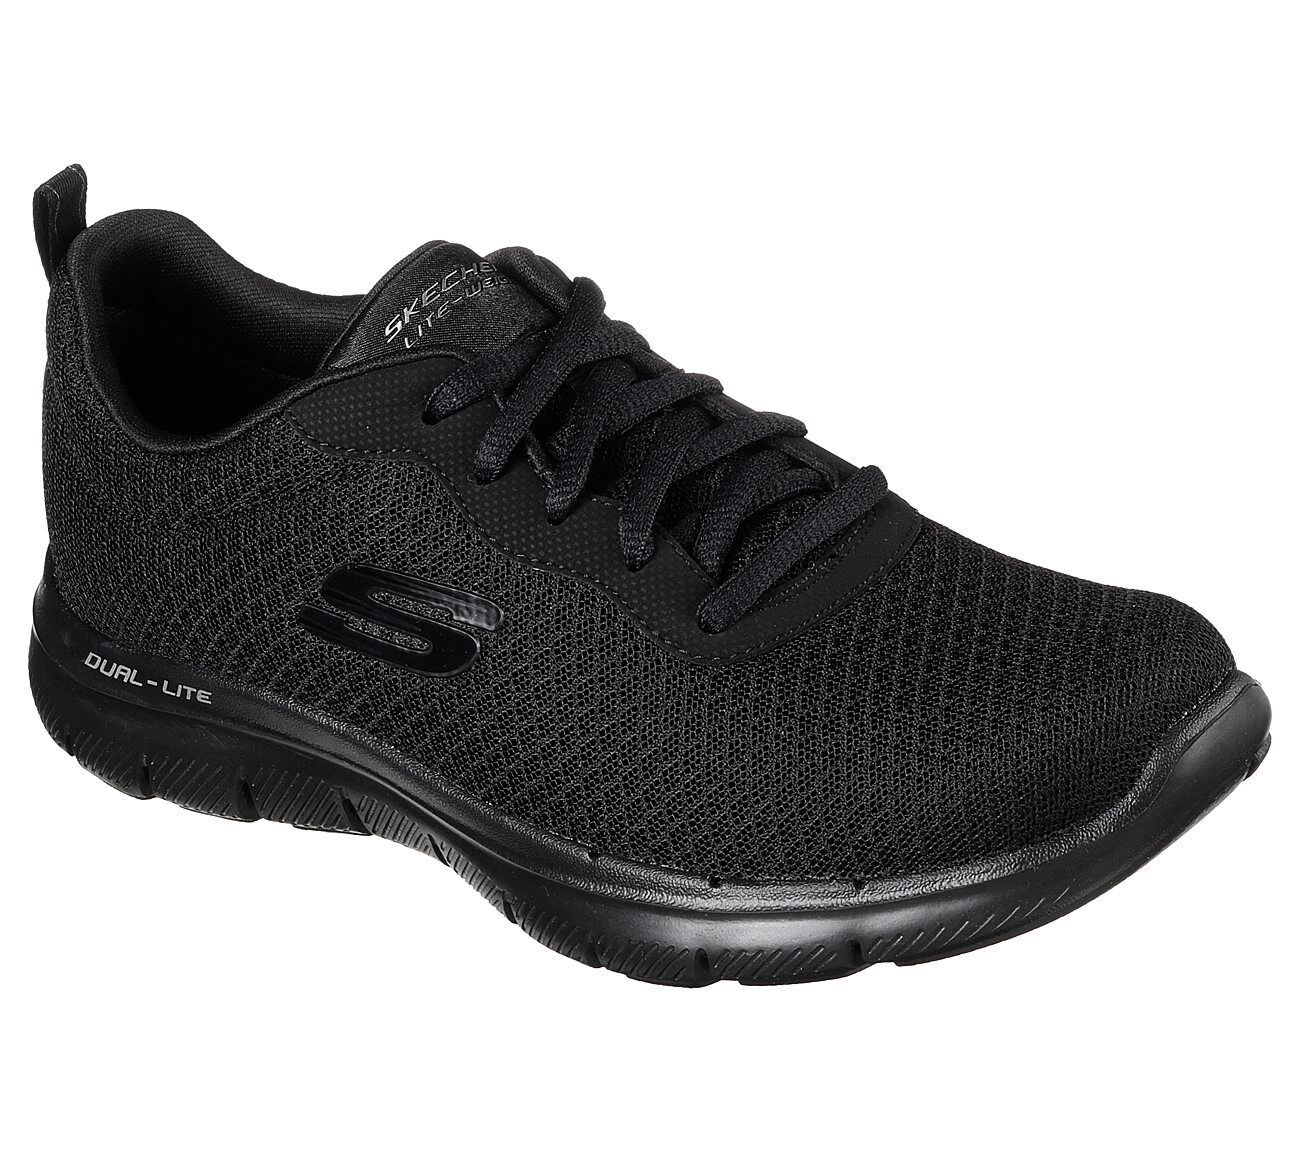 как выглядит Женская спортивная обувь 12775 BBK Black Skechers Shoes Women Memory Foam Sport Train Comfort Casual Mesh фото